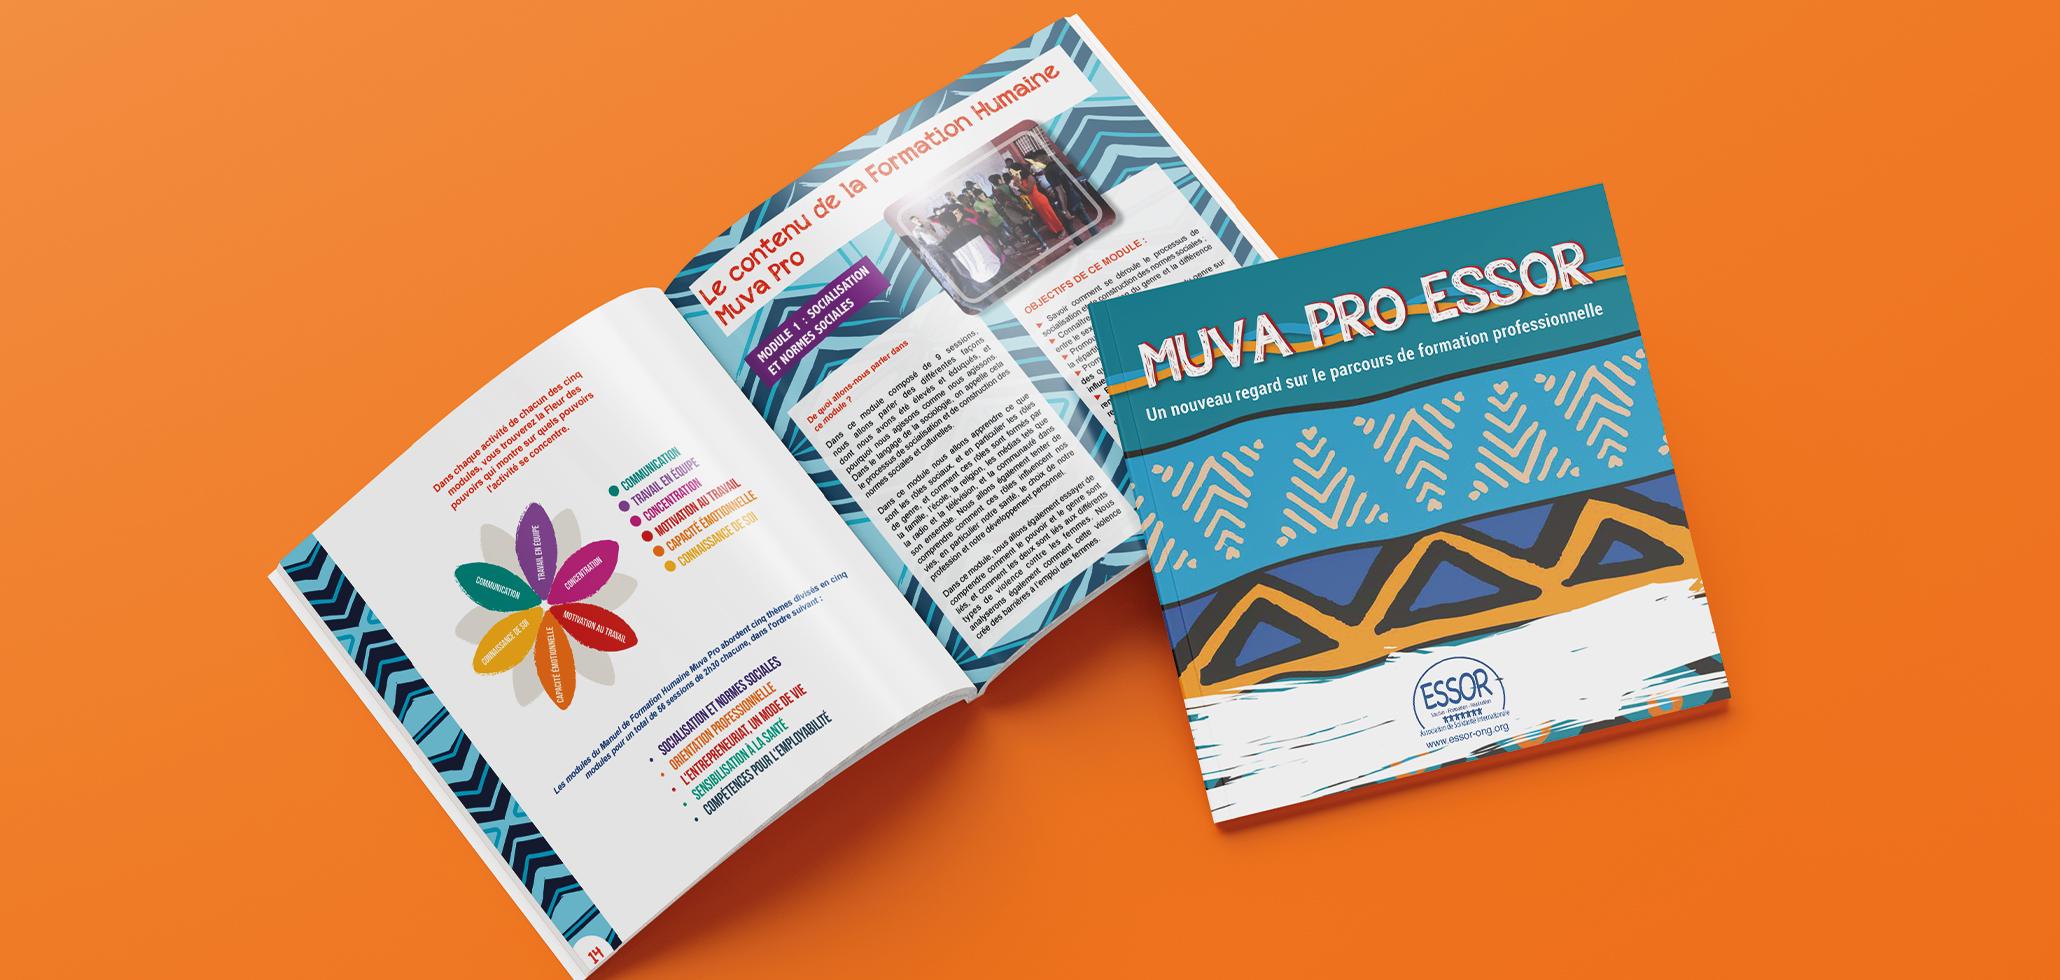 Le manuel du Muva Pro est disponible !